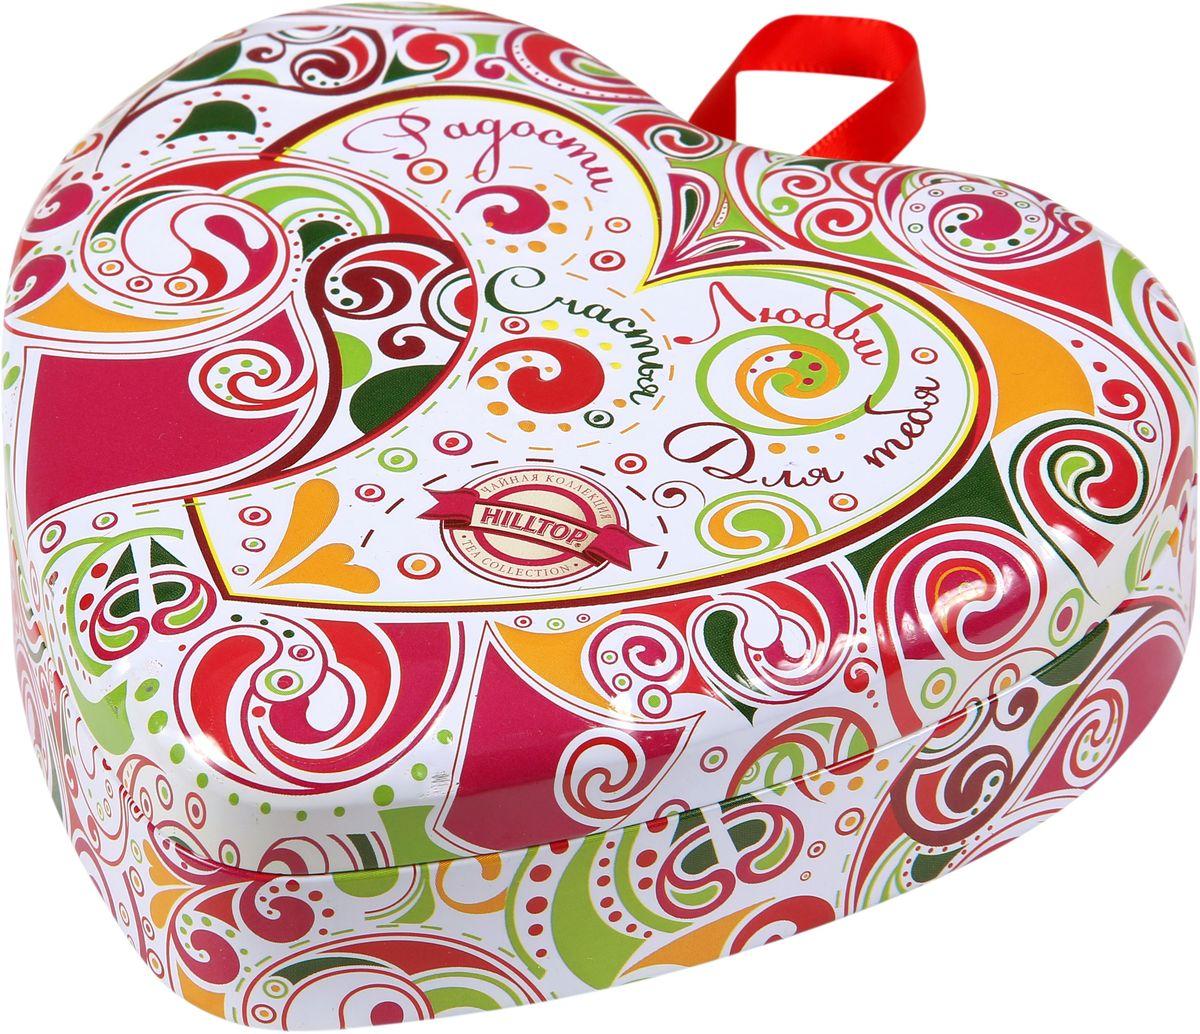 Hilltop Пожелания Цейлонское утро черный листовой чай, 50 г0120710Hilltop Пожелания Цейлонское утро чай с бархатным вкусом и легким ароматом. Ароматизирован натуральными маслами.